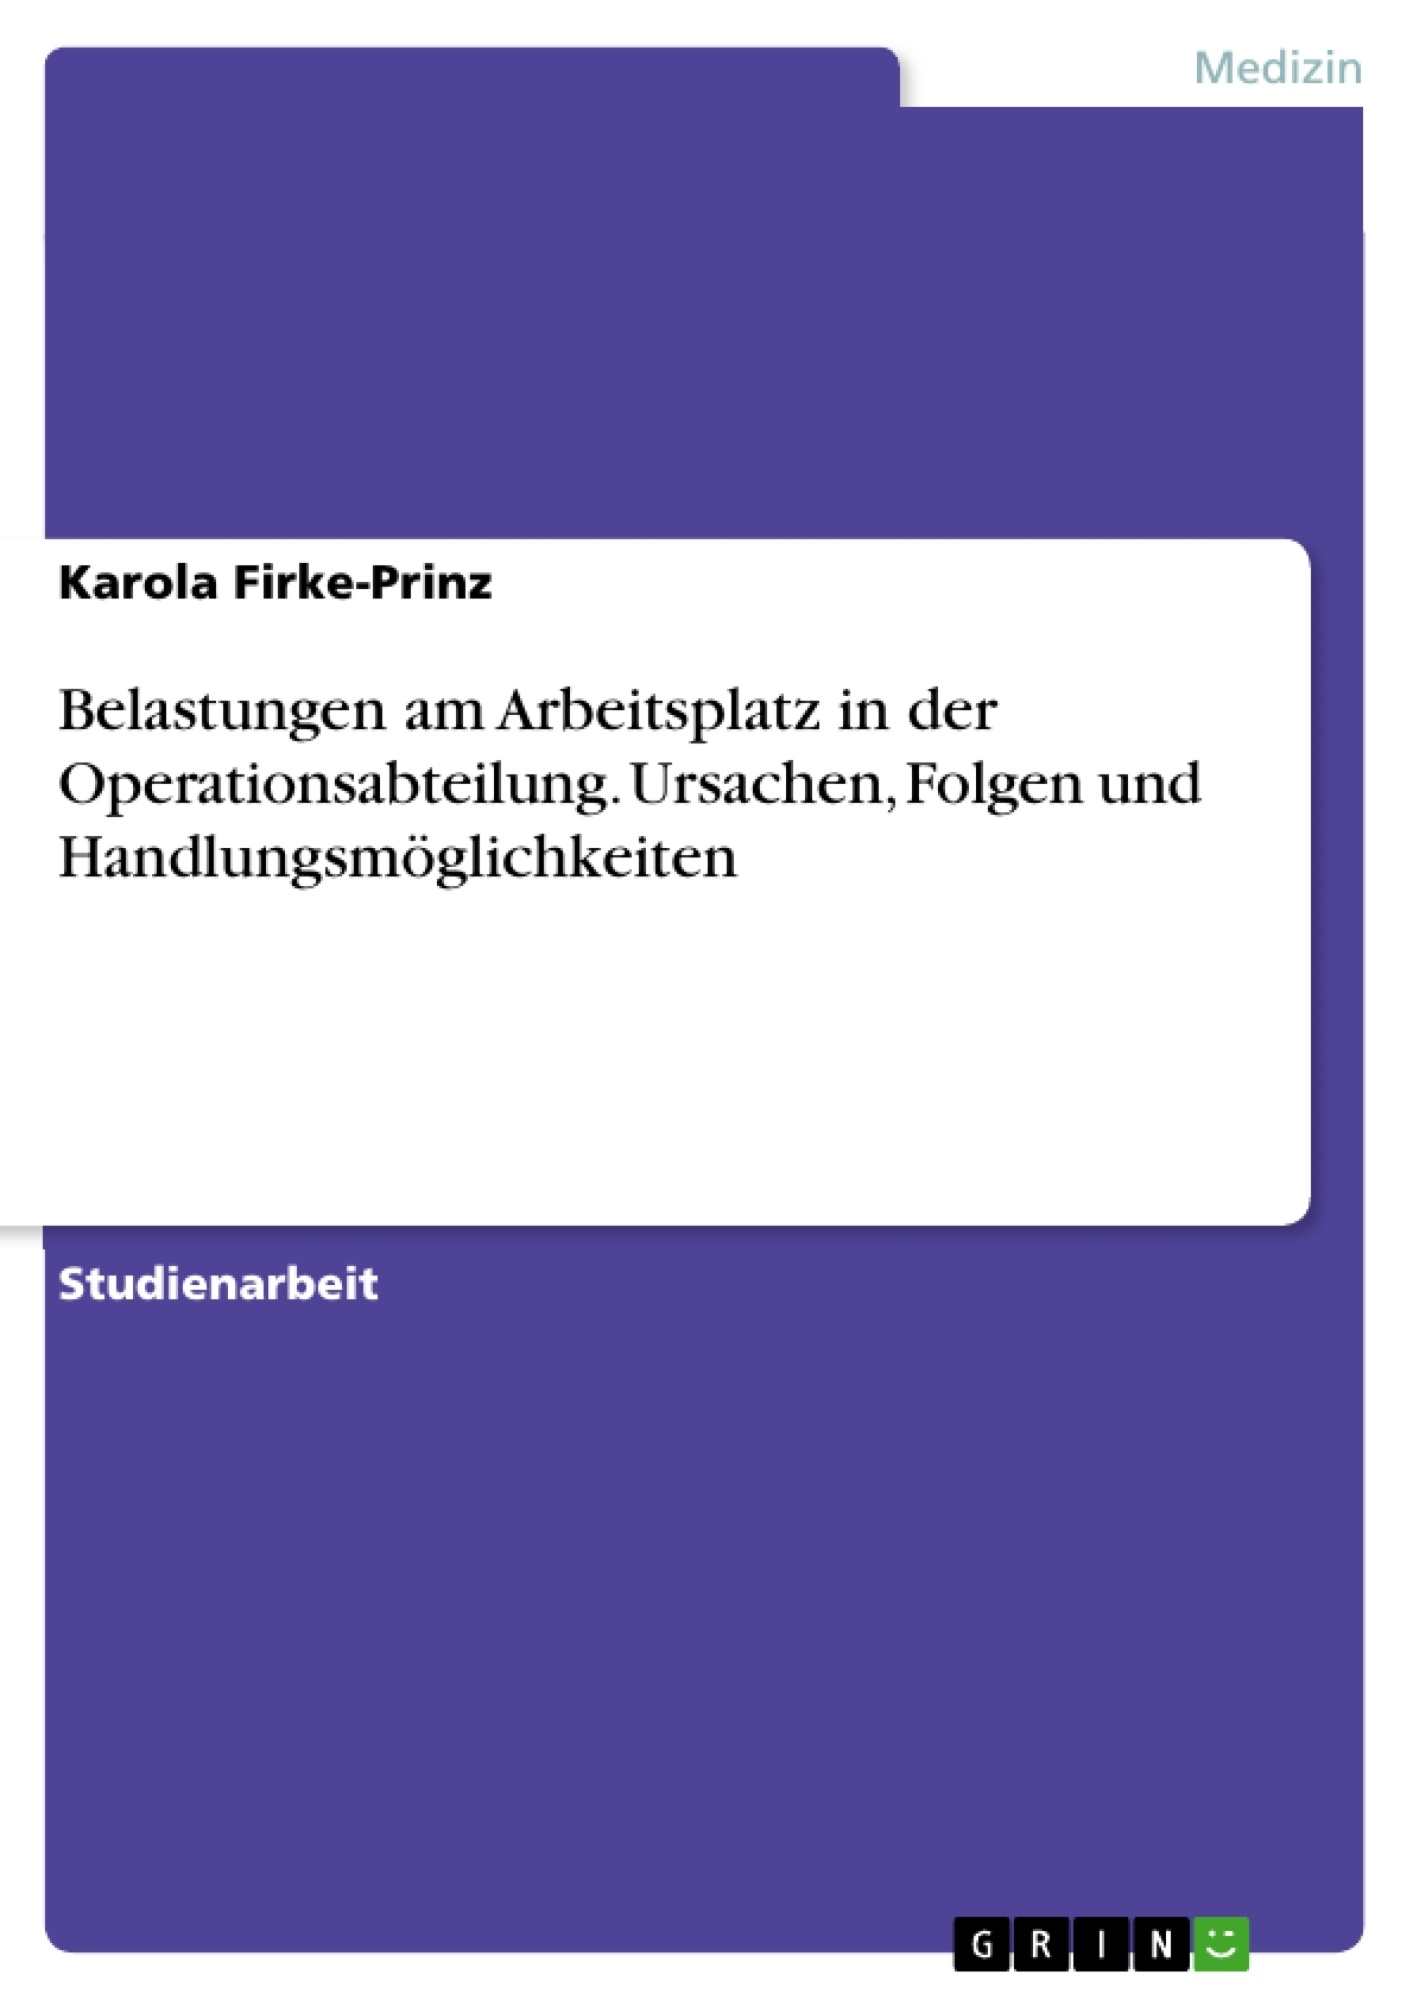 Titel: Belastungen am Arbeitsplatz in der Operationsabteilung. Ursachen, Folgen und Handlungsmöglichkeiten